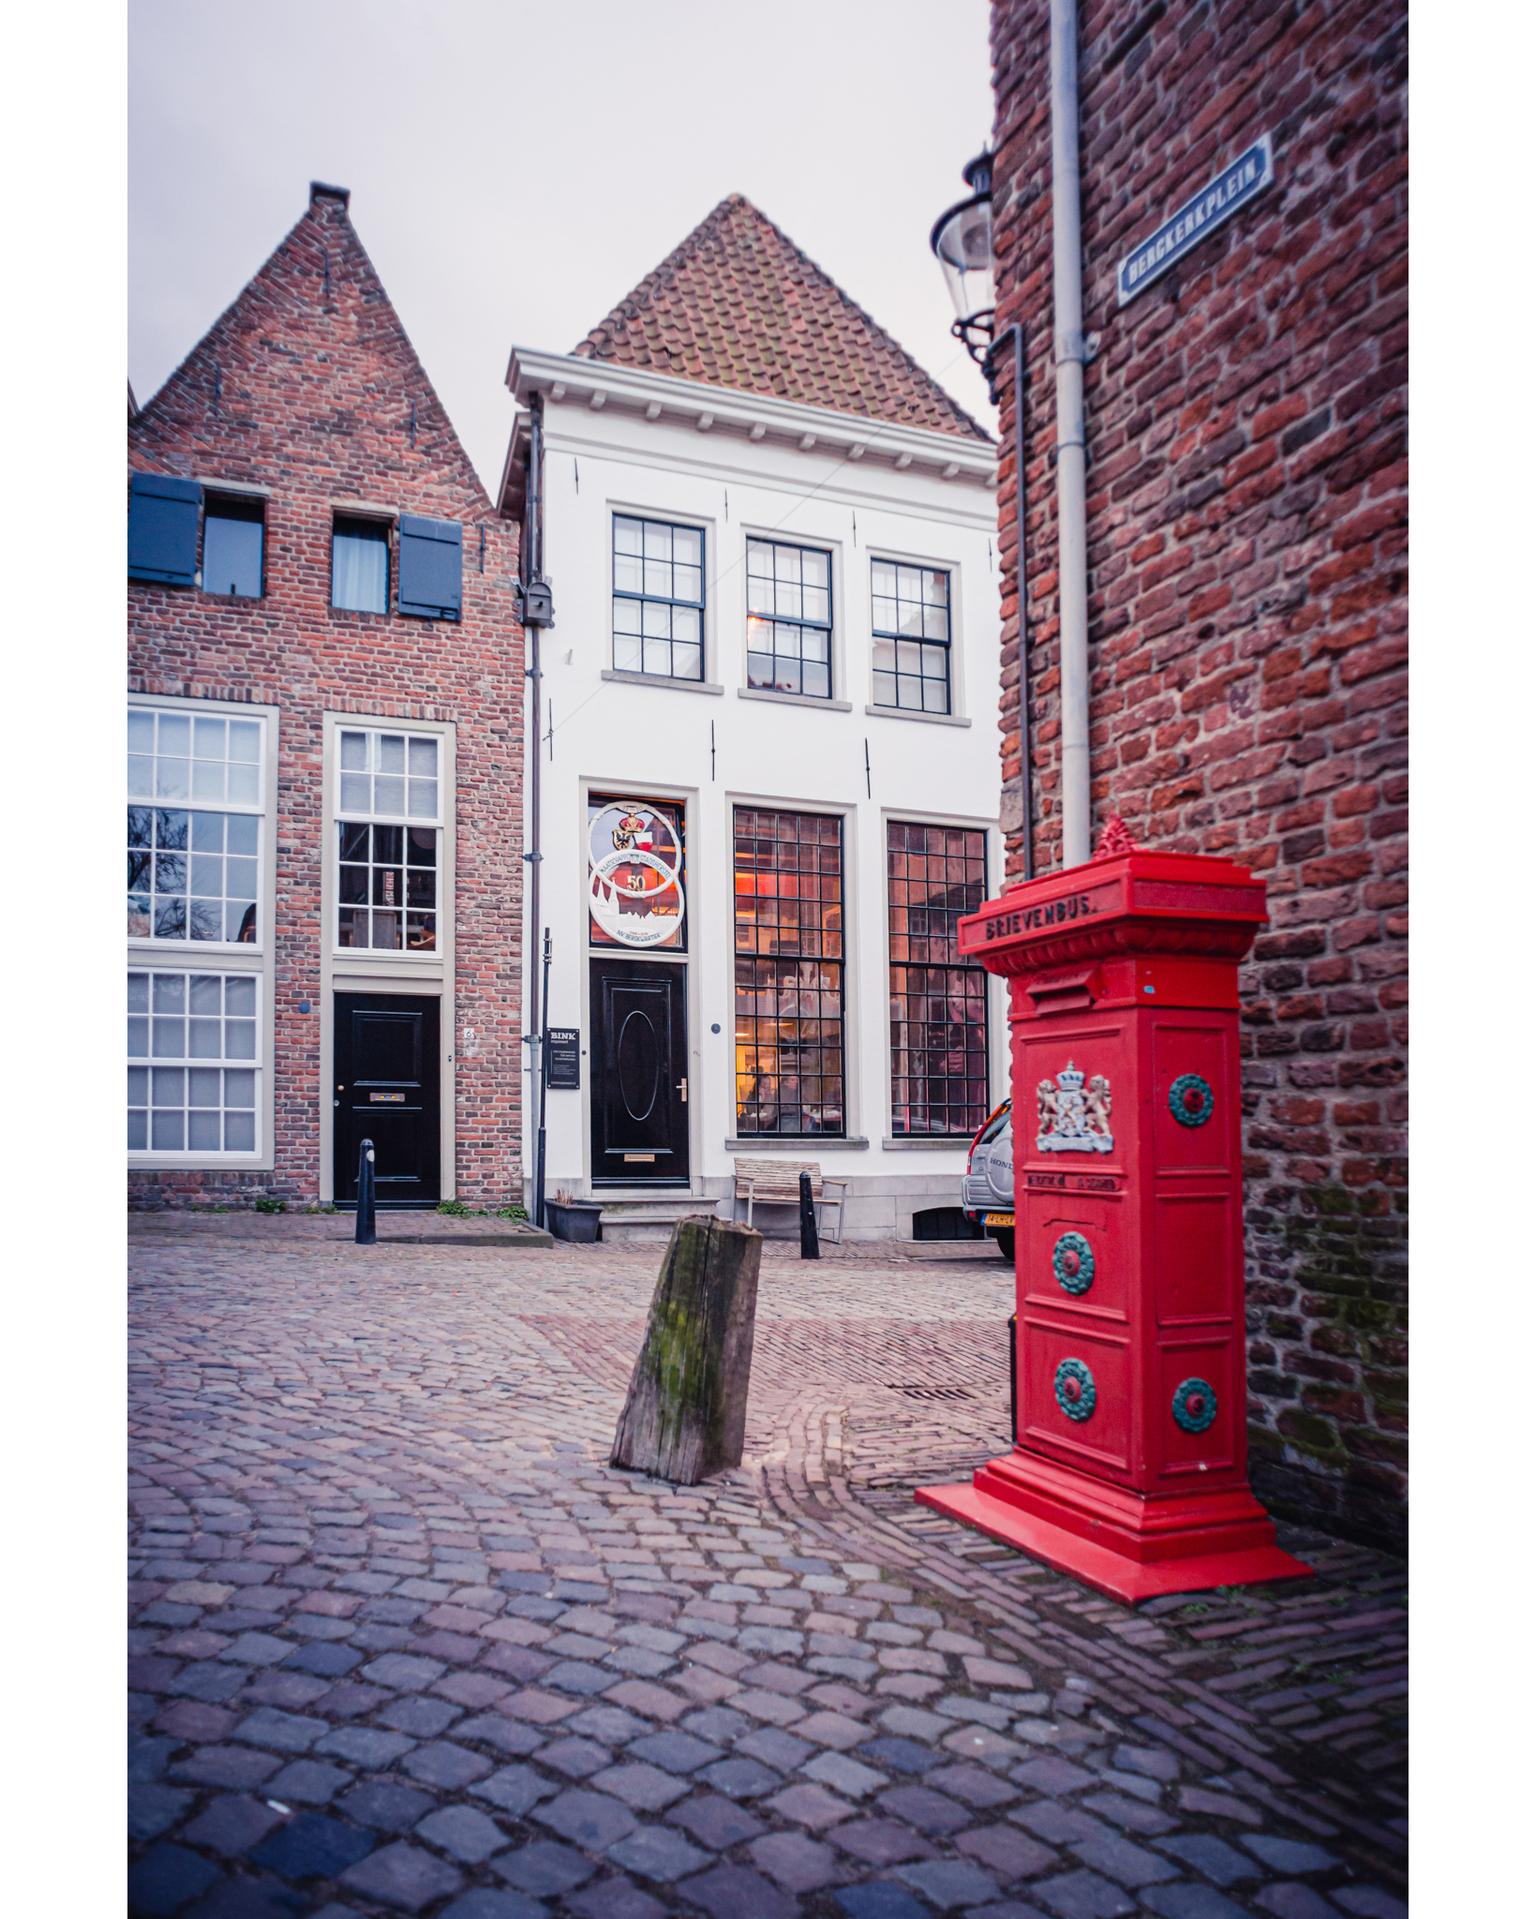 Deventer brievenbus - Bergkerkplein in Deventer. - foto door Lolke op 14-04-2021 - locatie: Deventer, Nederland - deze foto bevat: venster, gebouw, metselwerk, steen, weg oppervlak, armatuur, lucht, rechthoek, stad, hout